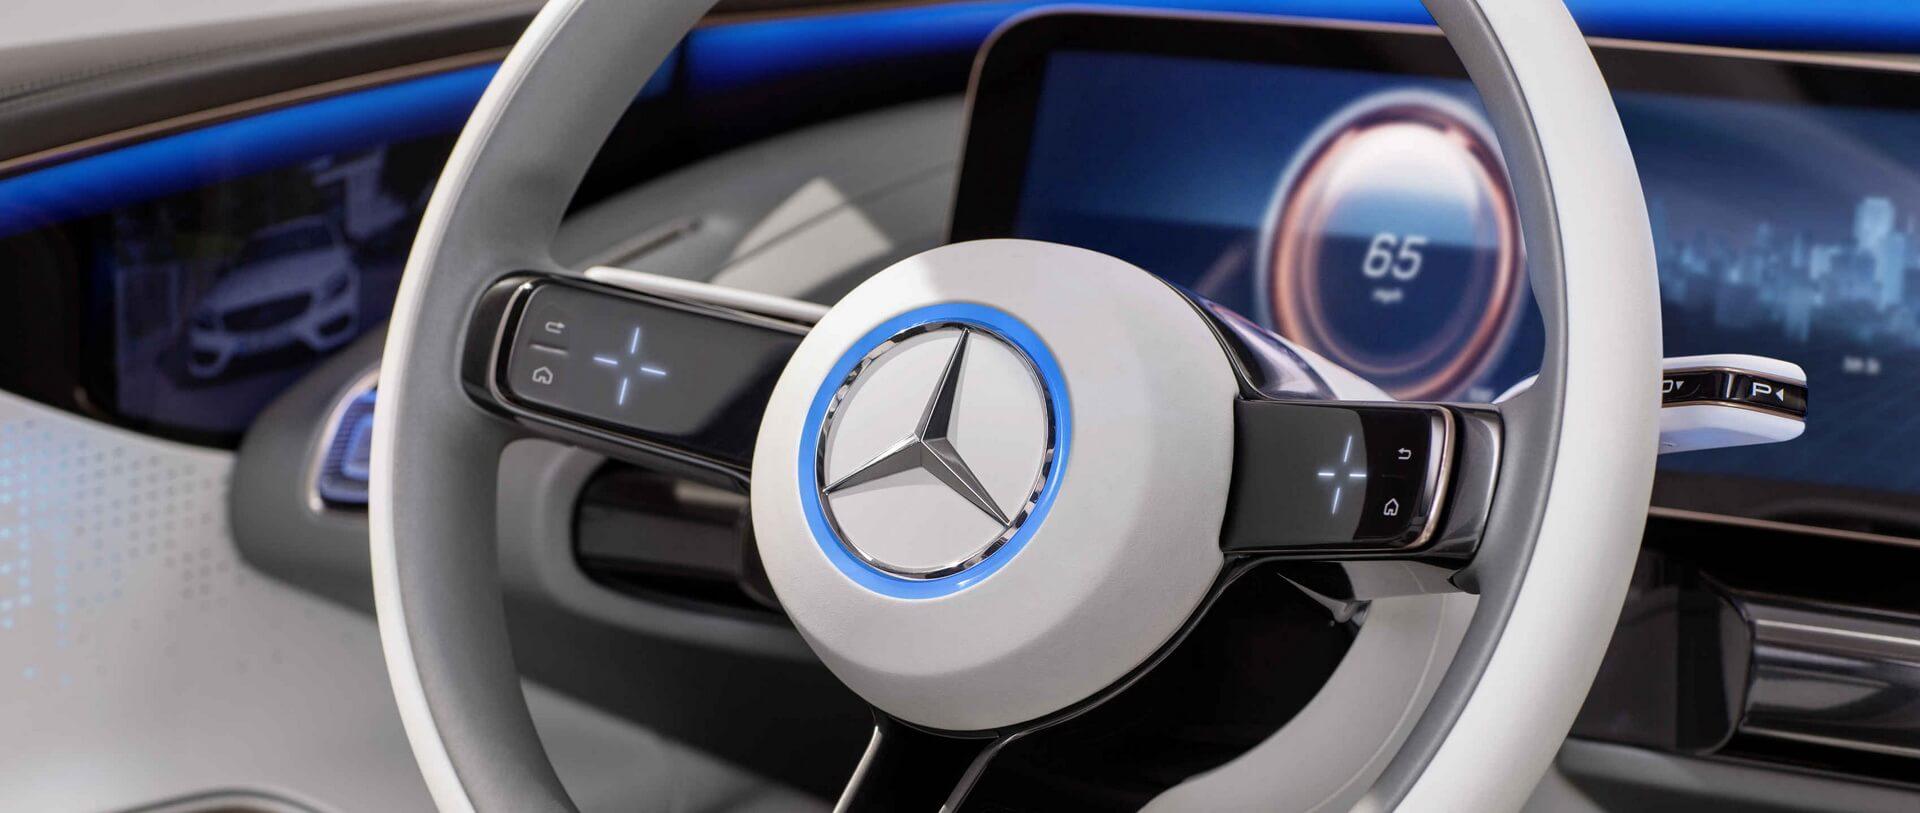 Сенсорные элементы управления на руле Concept EQ